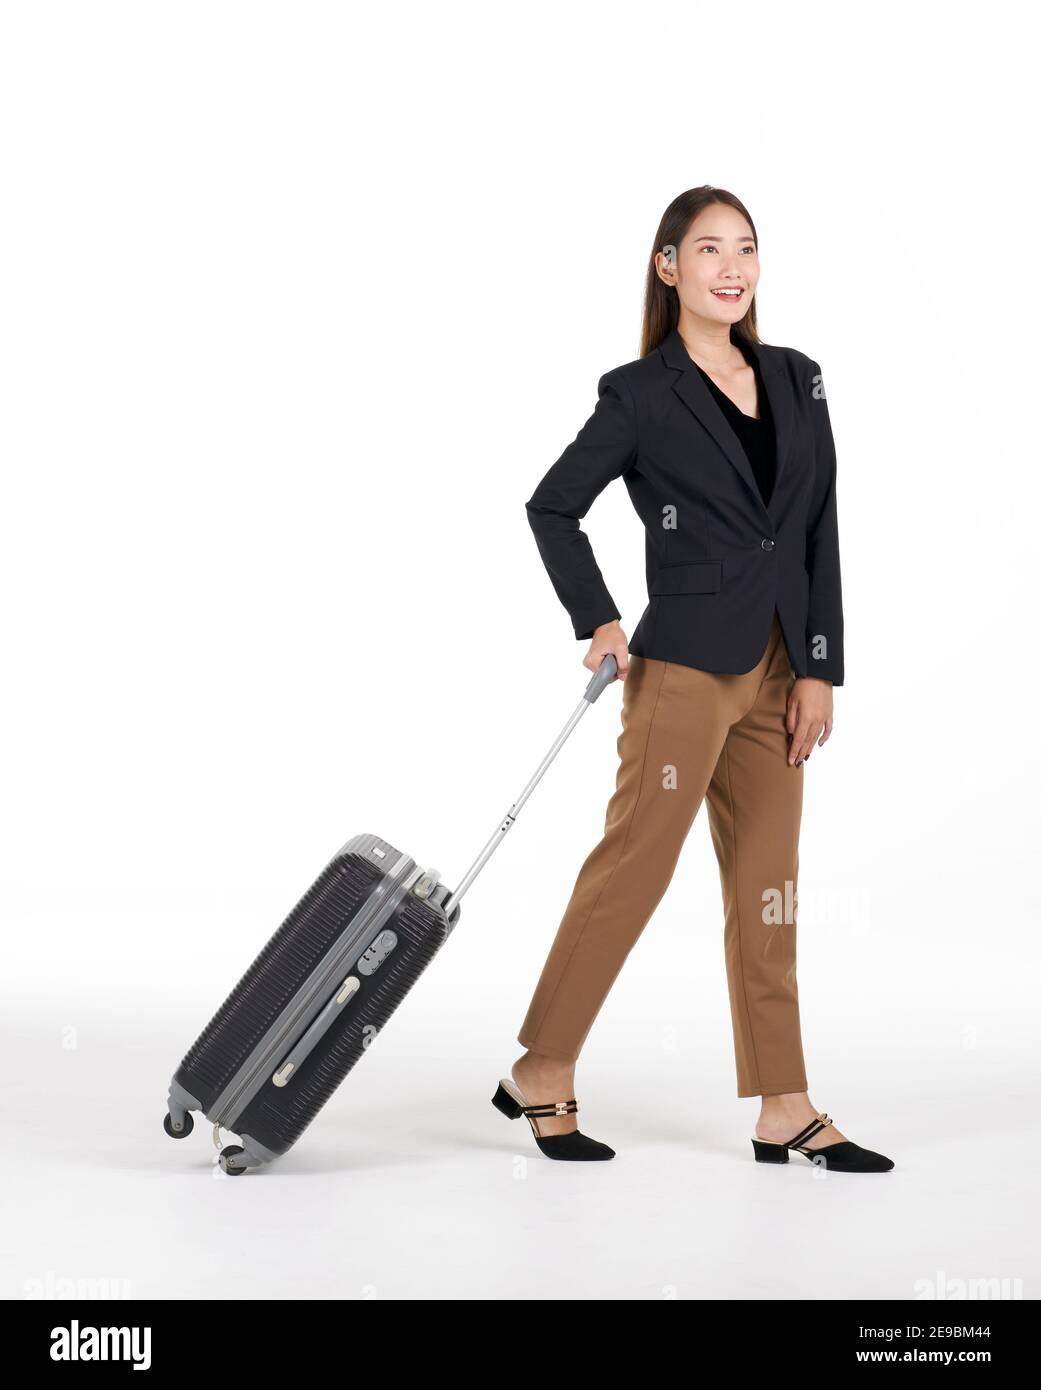 Giovani donne asiatiche in tuta nera sorride mentre cammina trascinando una valigia nera. Ritratto su sfondo bianco con luce da studio. Foto Stock